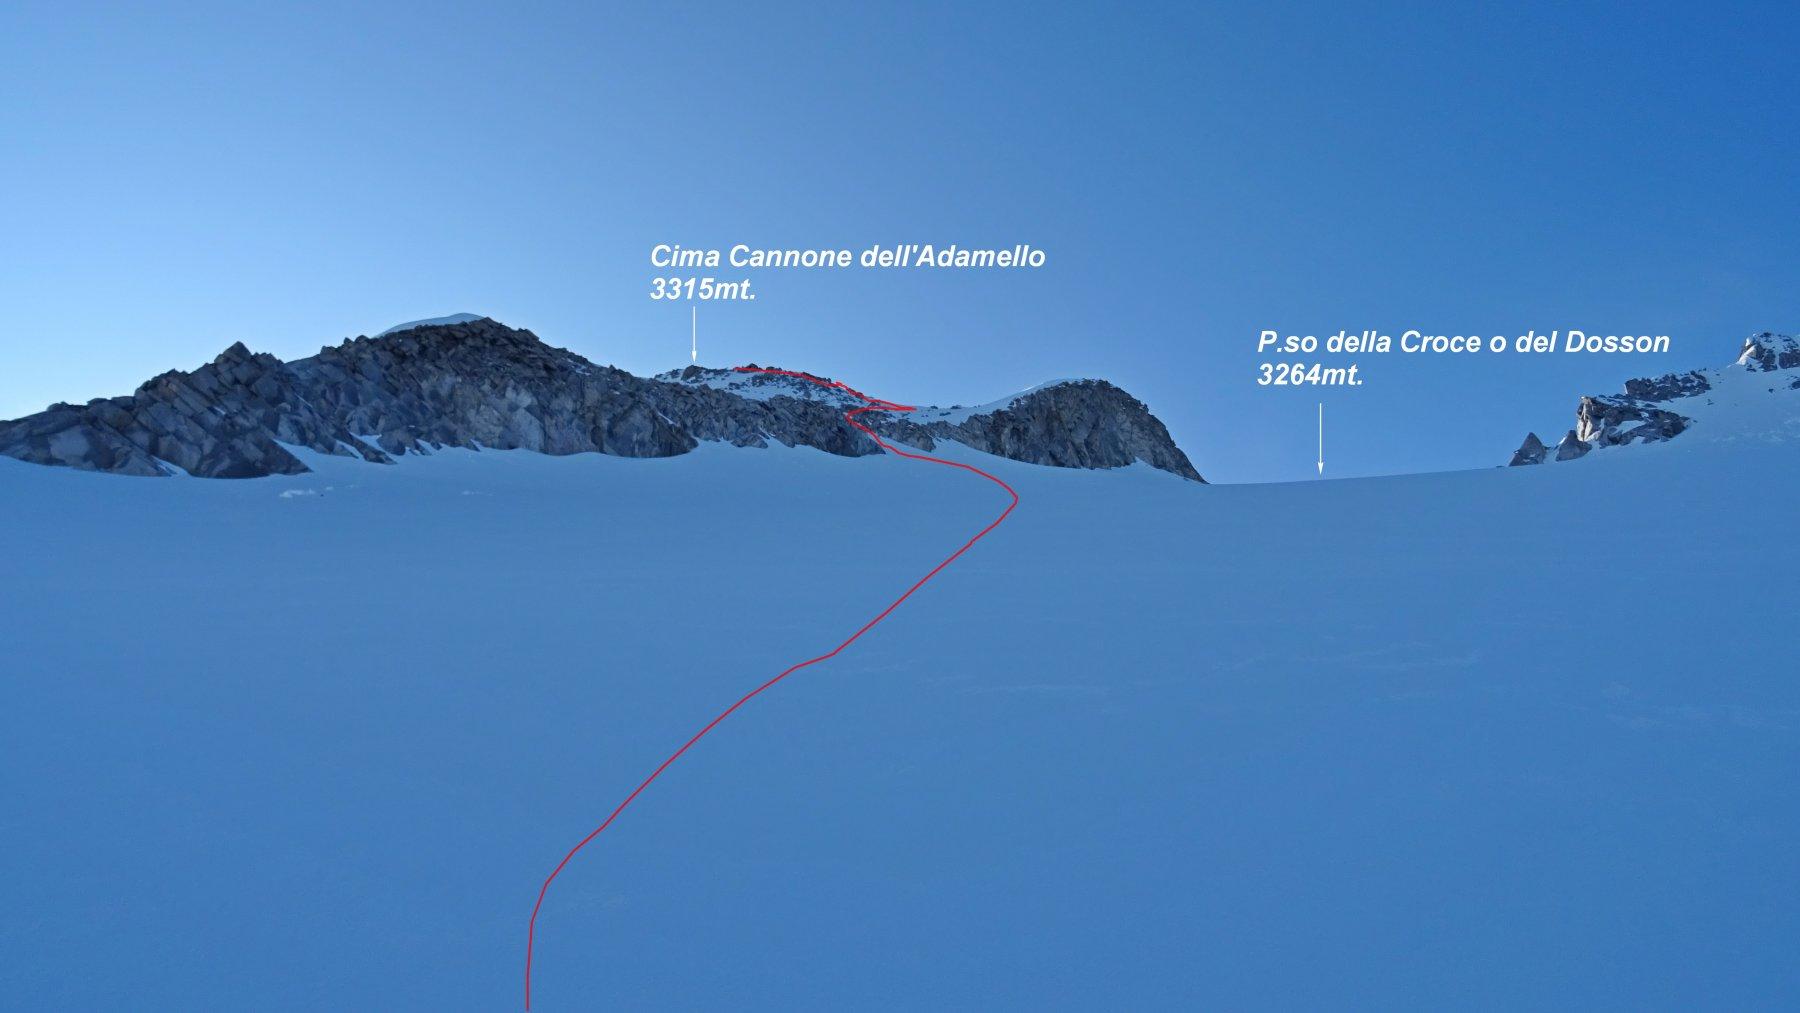 In rosso la traccia di salita verso Cima Cannone.